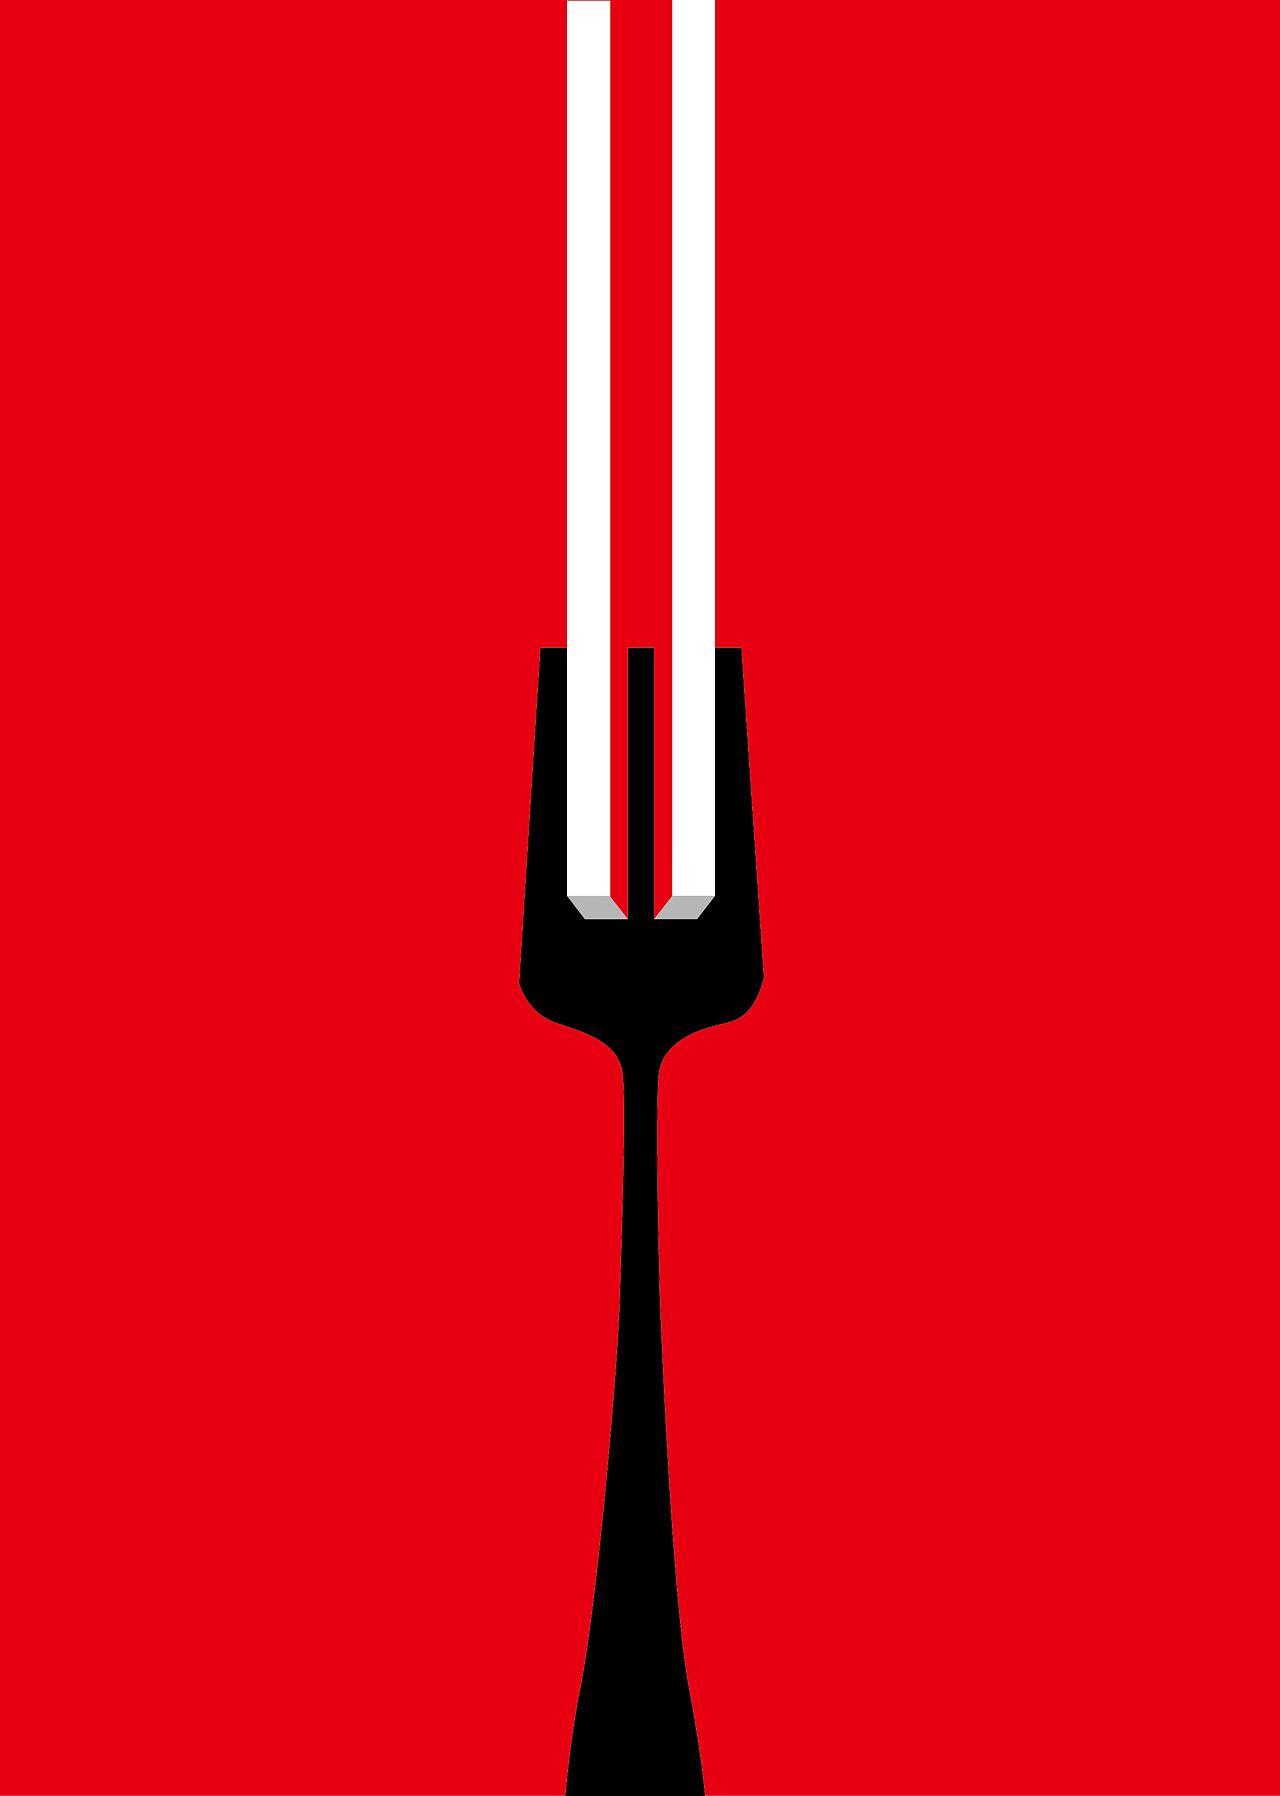 学图形创意的时候,做了一幅创意图,东方的筷子和西方的叉子